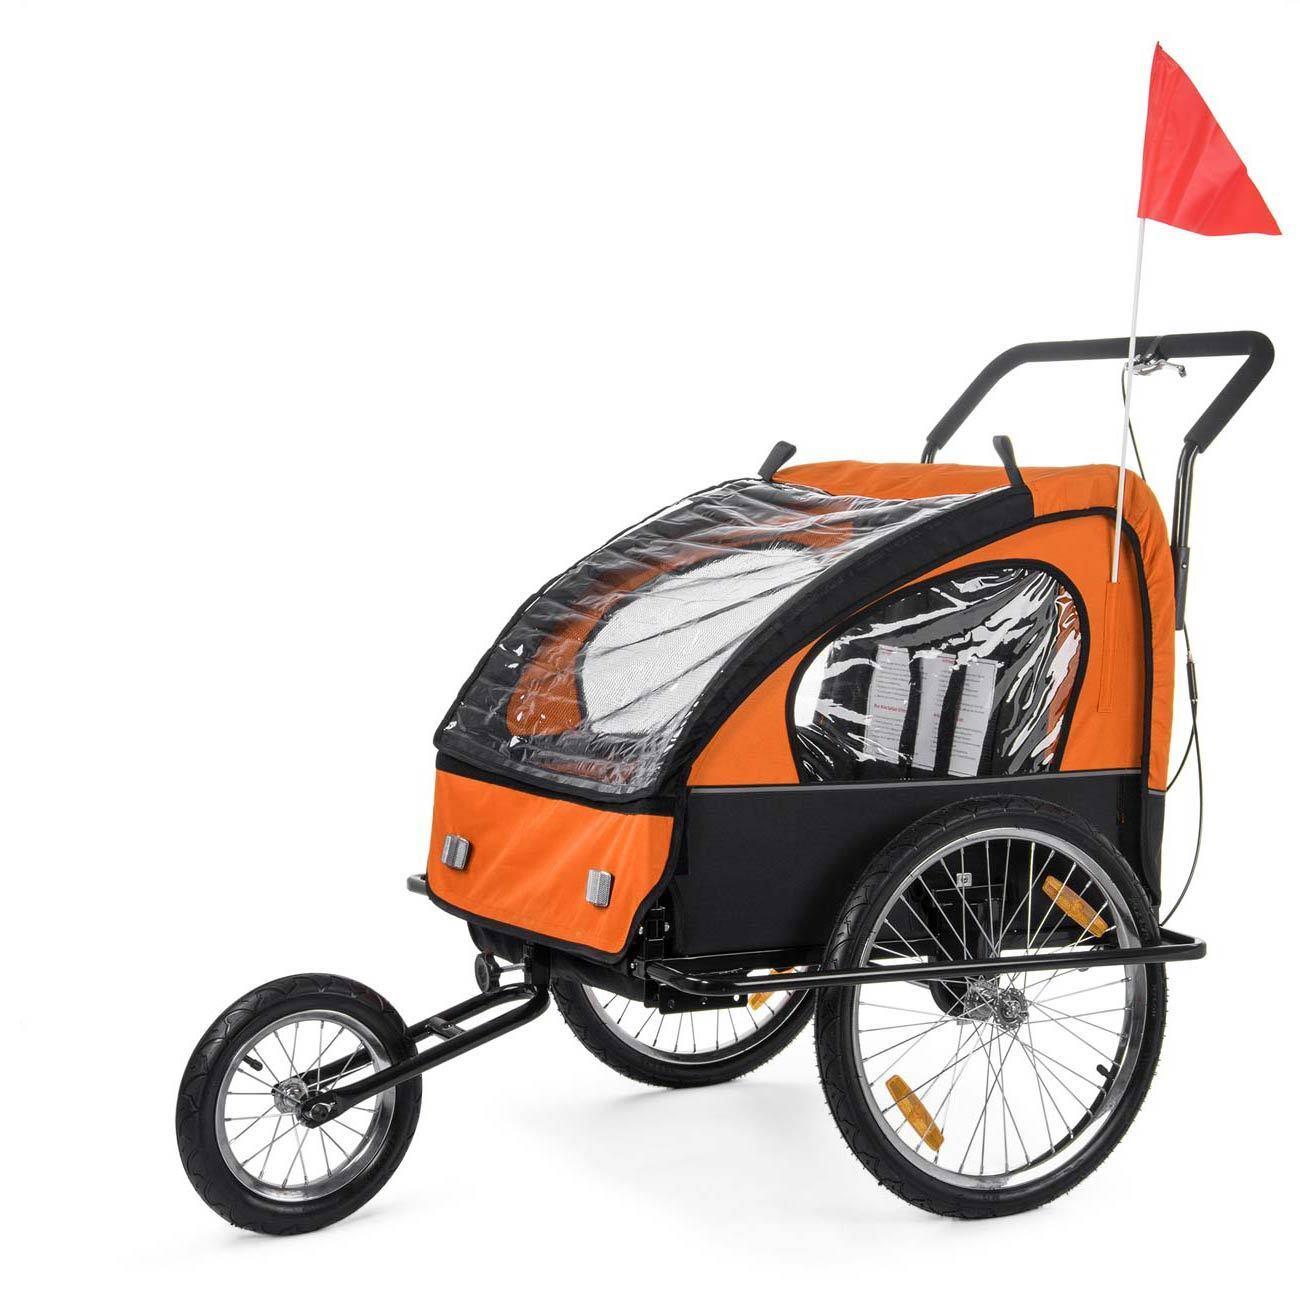 Remolque de Bicicleta para Niños Transportín Silla Silla Transportín Cochecito Carro Bici SAMAX bf9ace